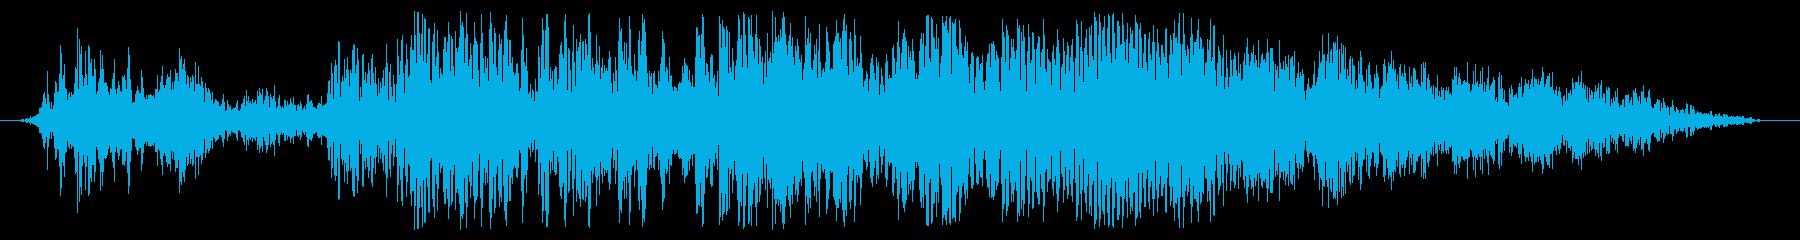 サーボスタートライザーの再生済みの波形